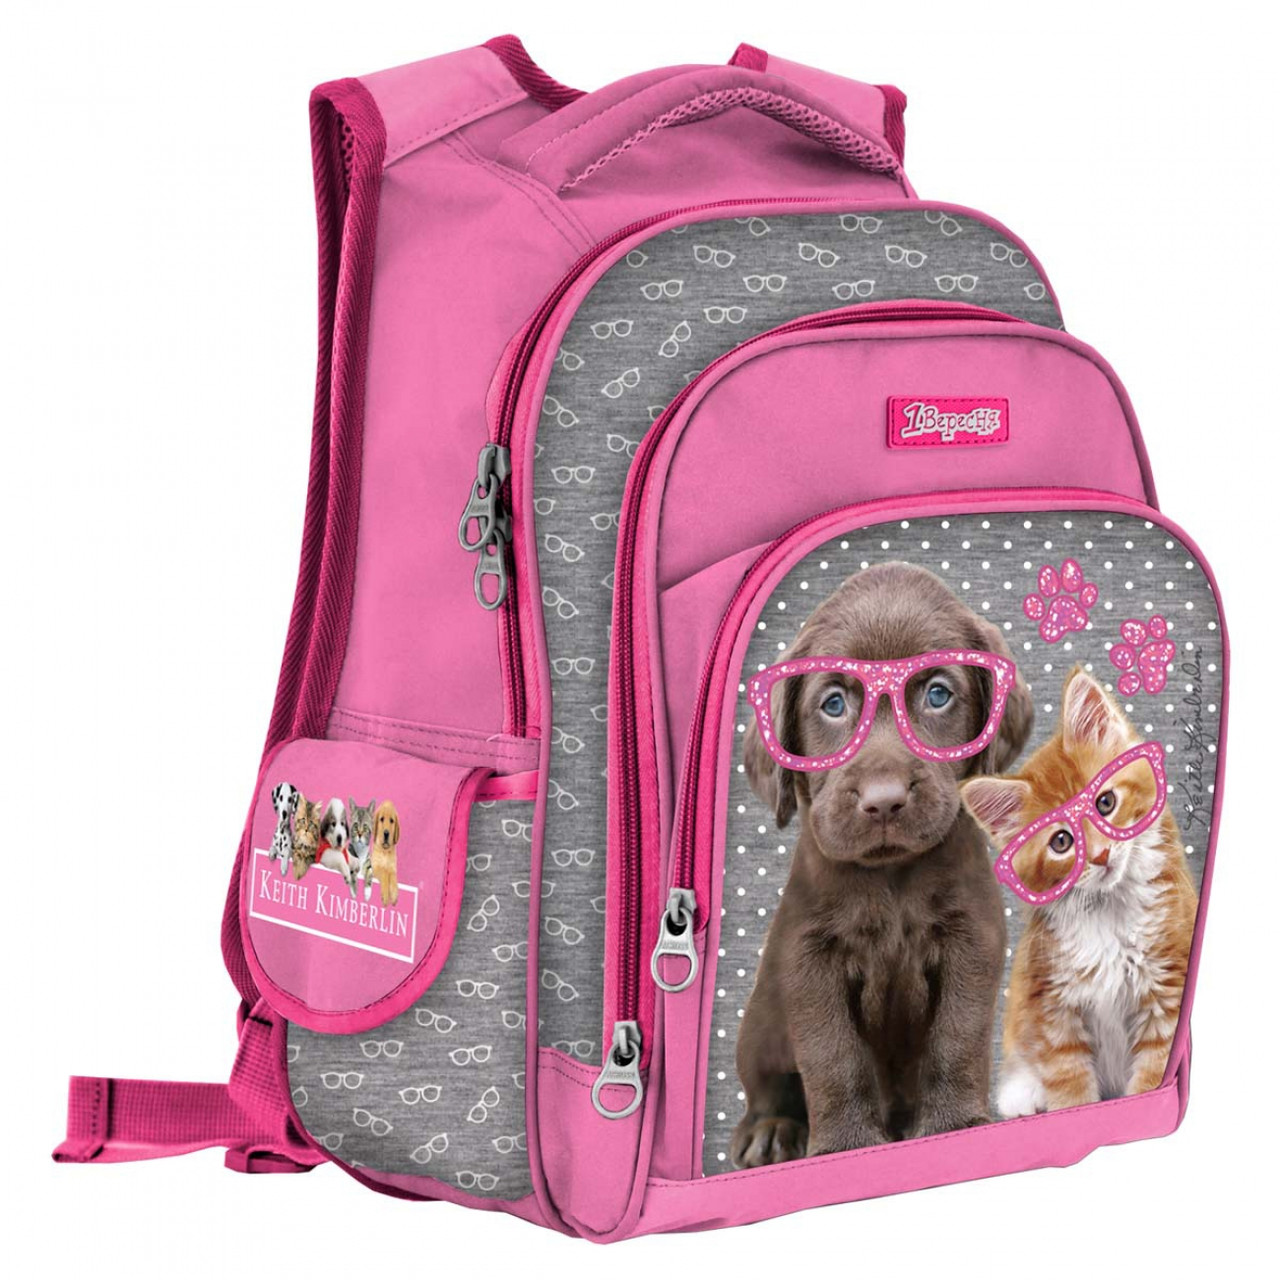 Рюкзак шкільний для дівчинки 1 Вересня S-43 Keit Kimberlin рожевий